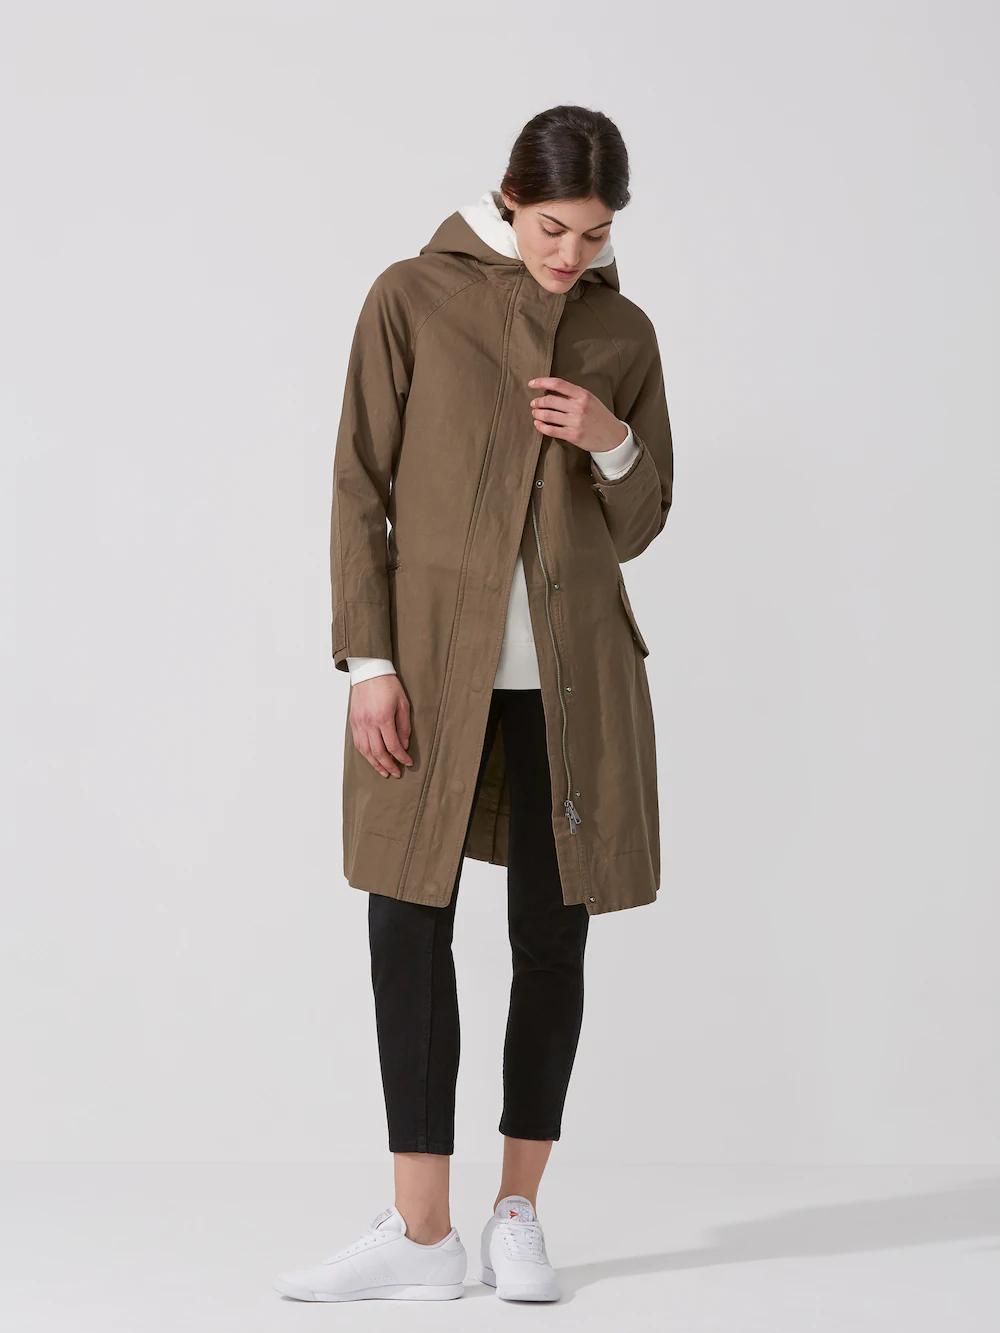 Frank + Oak Cotton-Linen Hooded Anorak In Olive